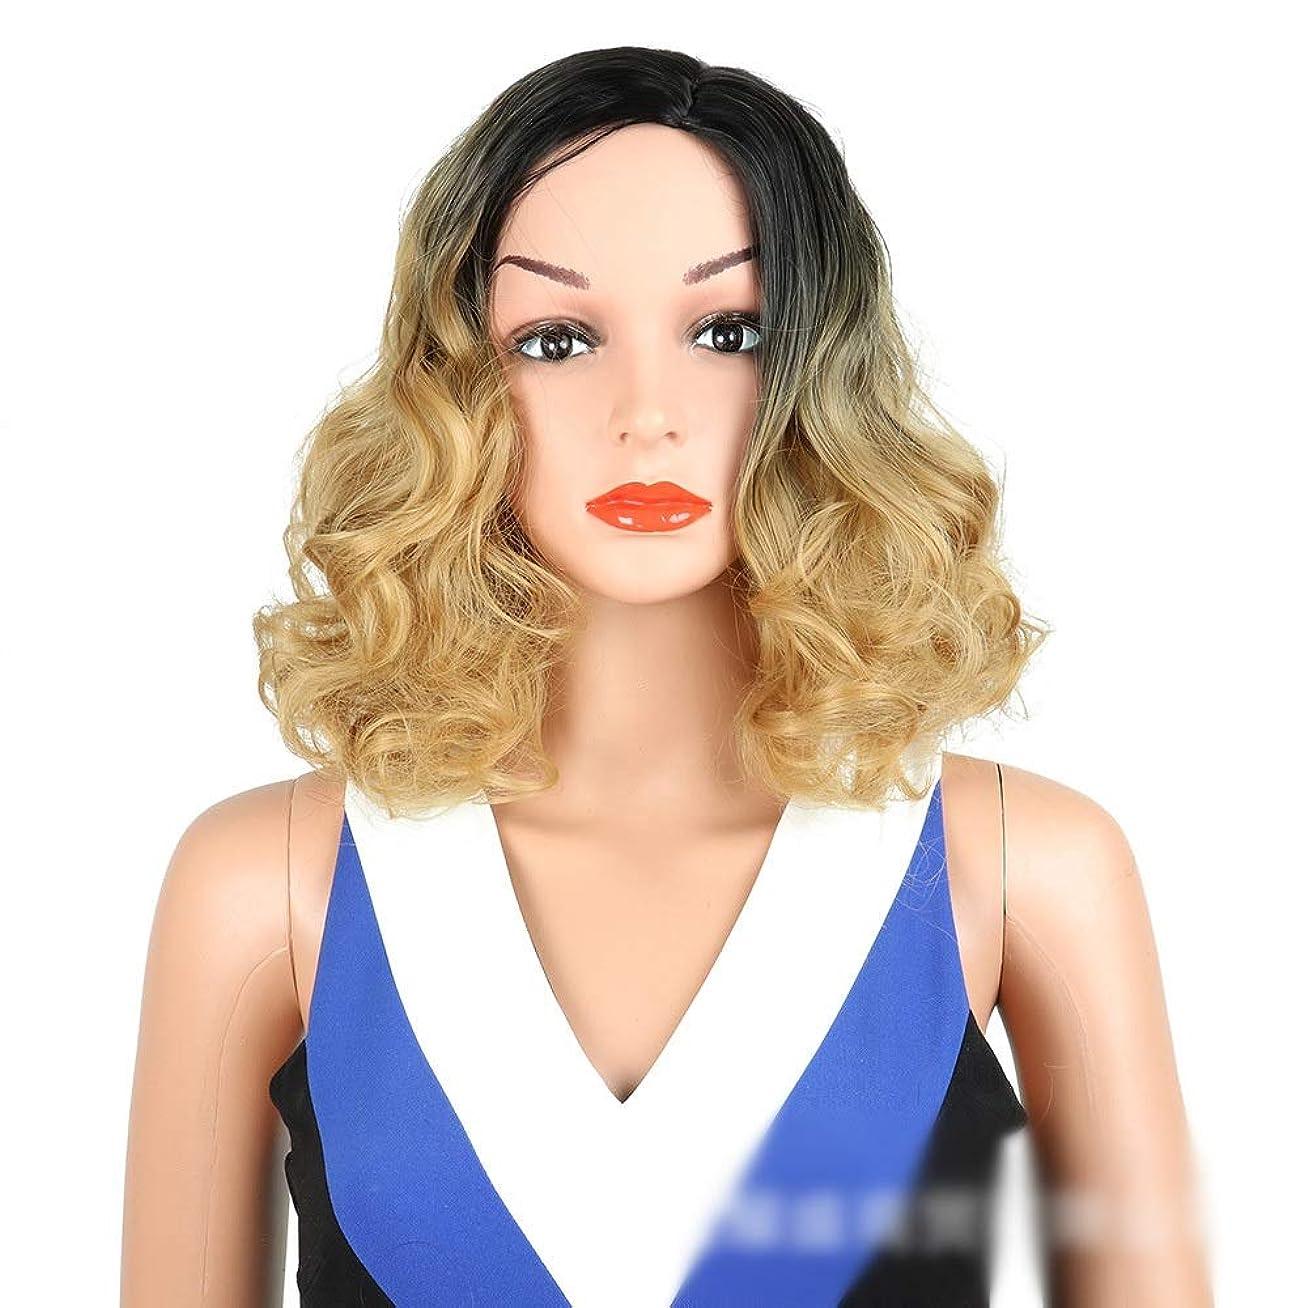 スタンド影響する結晶Yrattary 自然な見た目のオンブルブロンドのかつら黒は長い巻き毛の機械で作られた合成かつら女性のためのかつら (Color : Blonde)